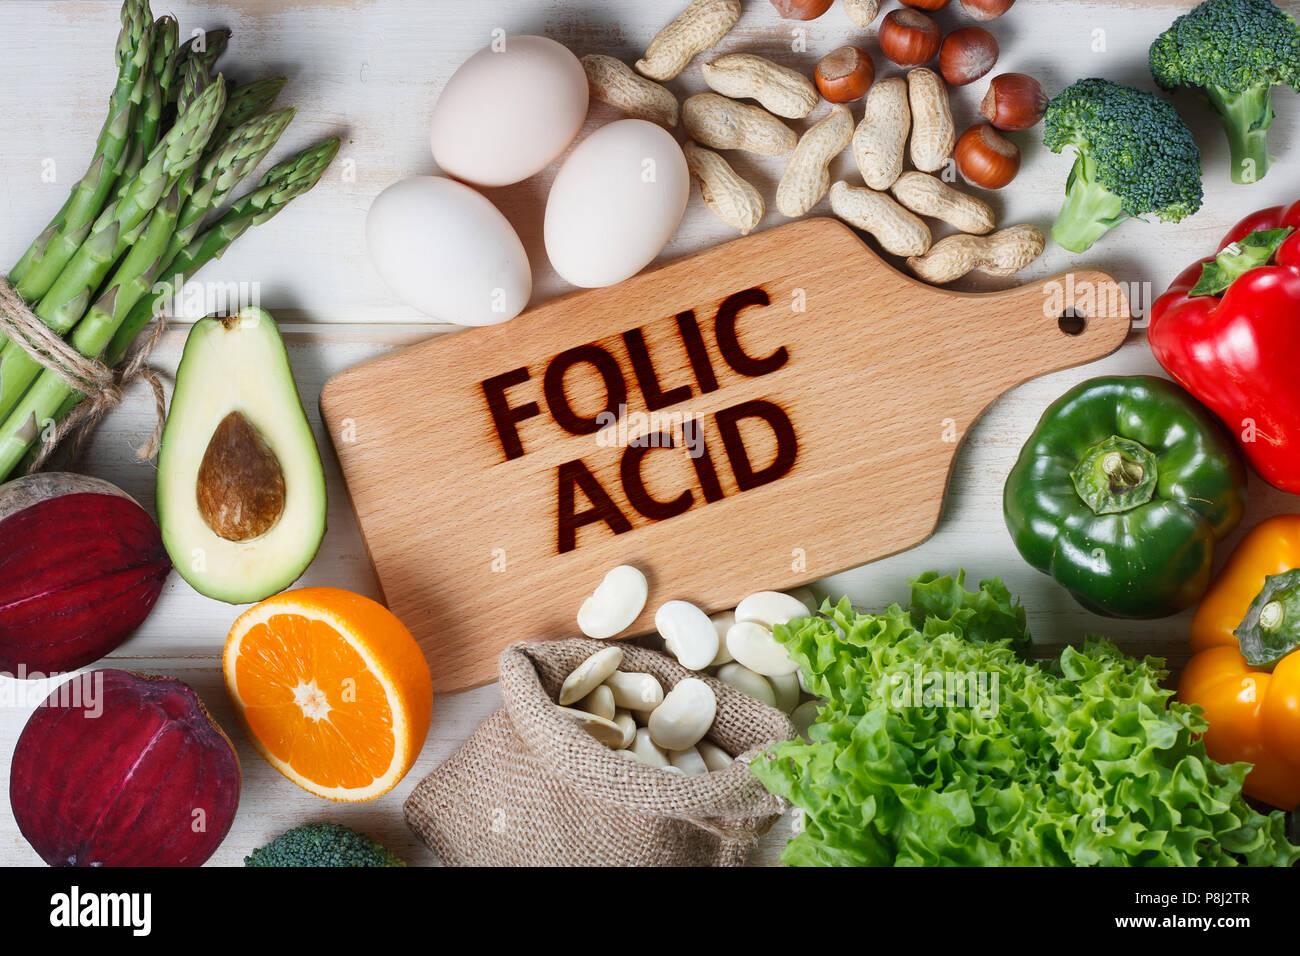 Les sources naturelles d'acide folique comme asperges, brocoli, oeufs, salade, avocat, de paprika, de noix, d'orange, de betterave et de haricots Photo Stock